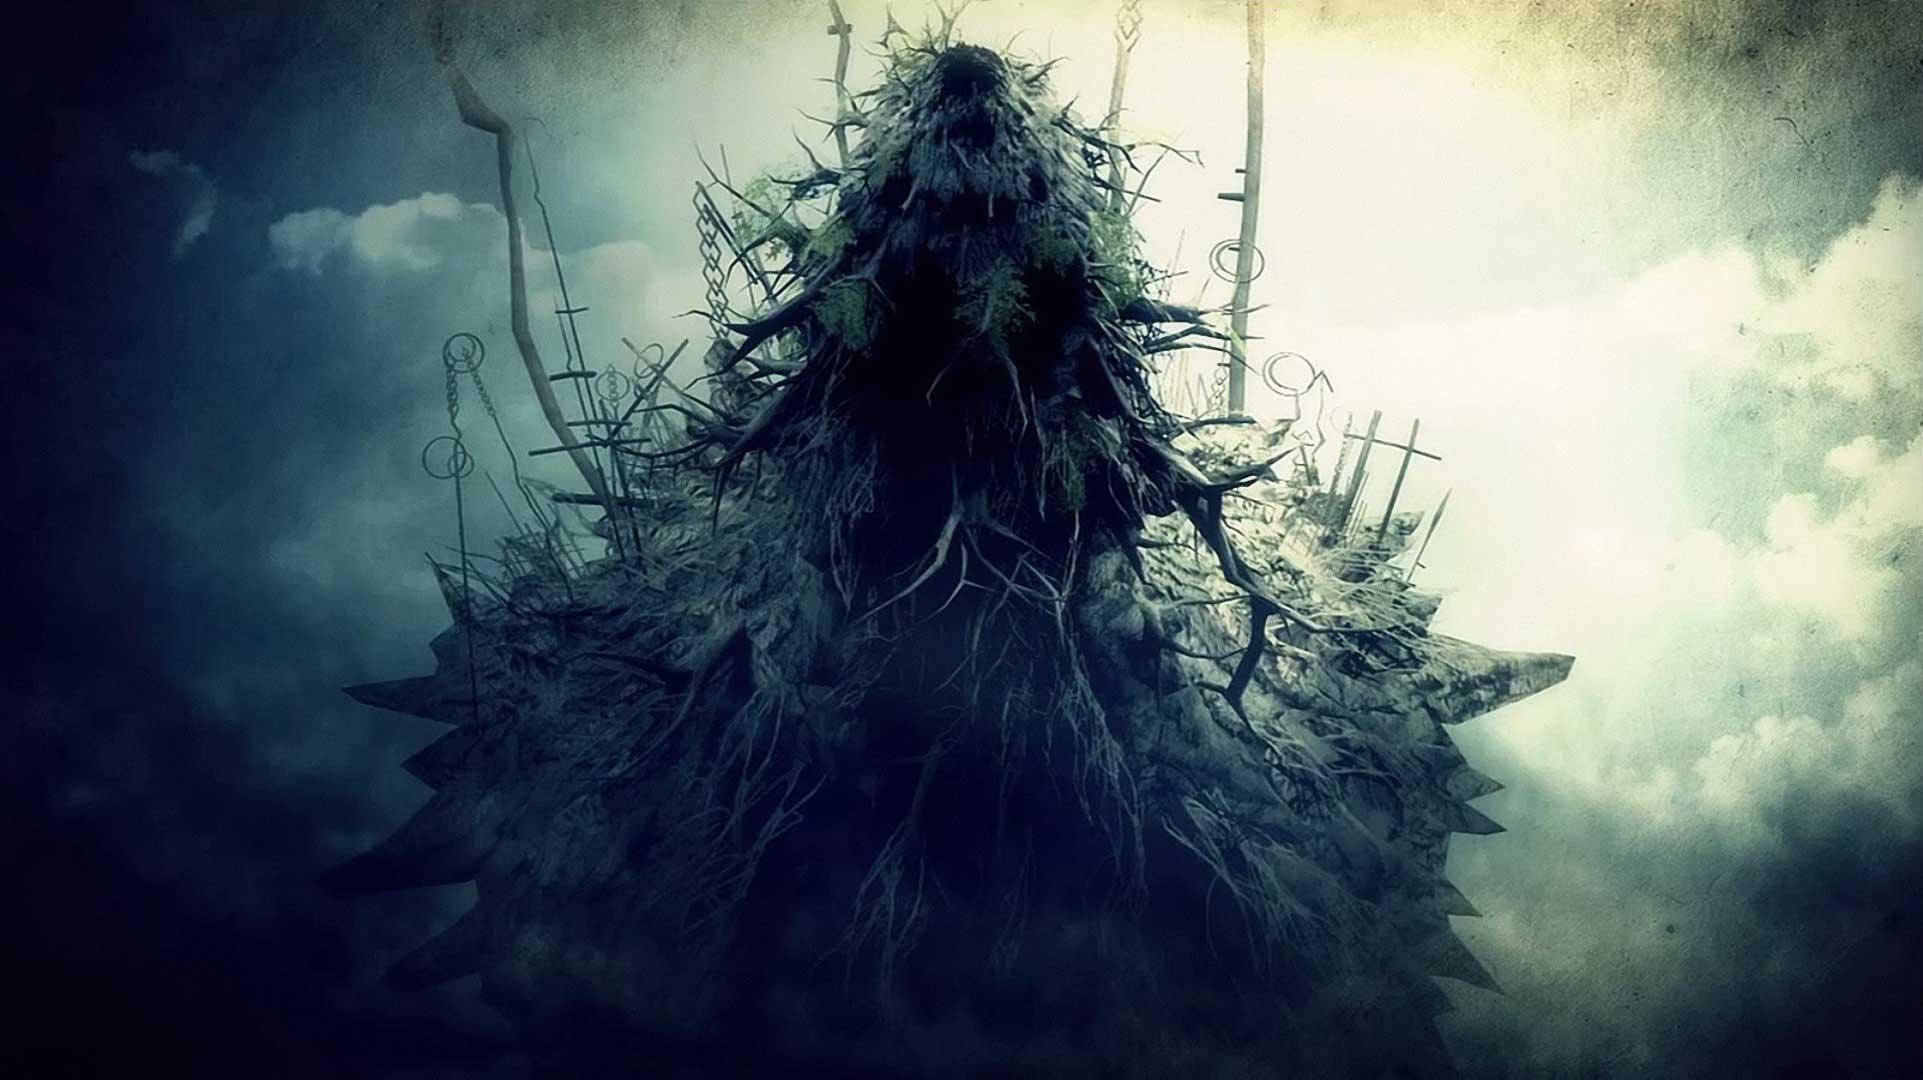 蓝点工作室称正为PS5开发游戏 粉丝猜测是《恶魔之魂》